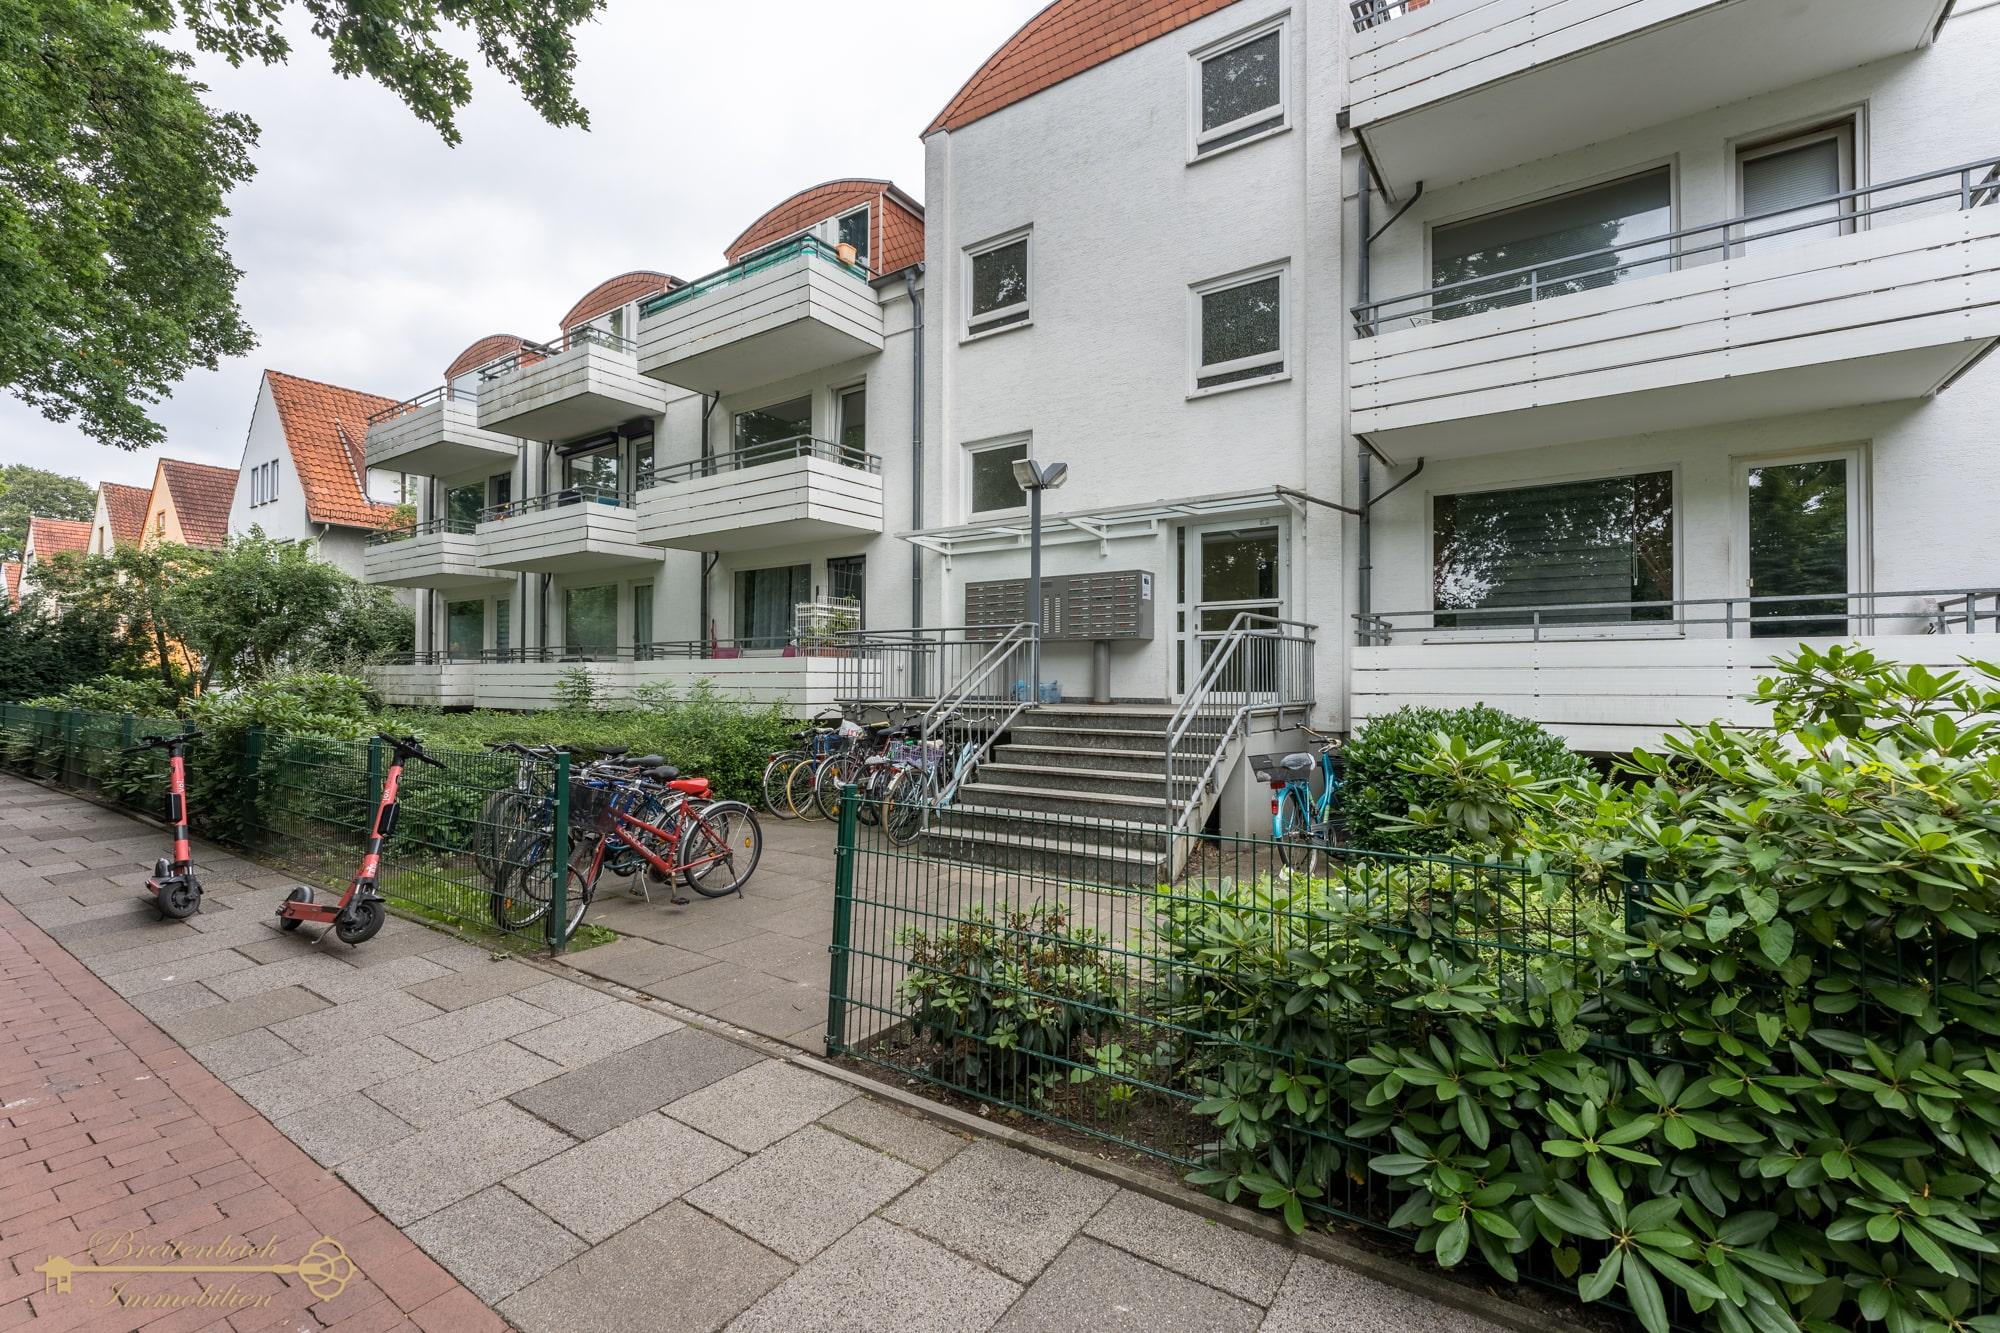 2021-07-10-Breitenbach-Immobilien-Makler-Bremen-1-min